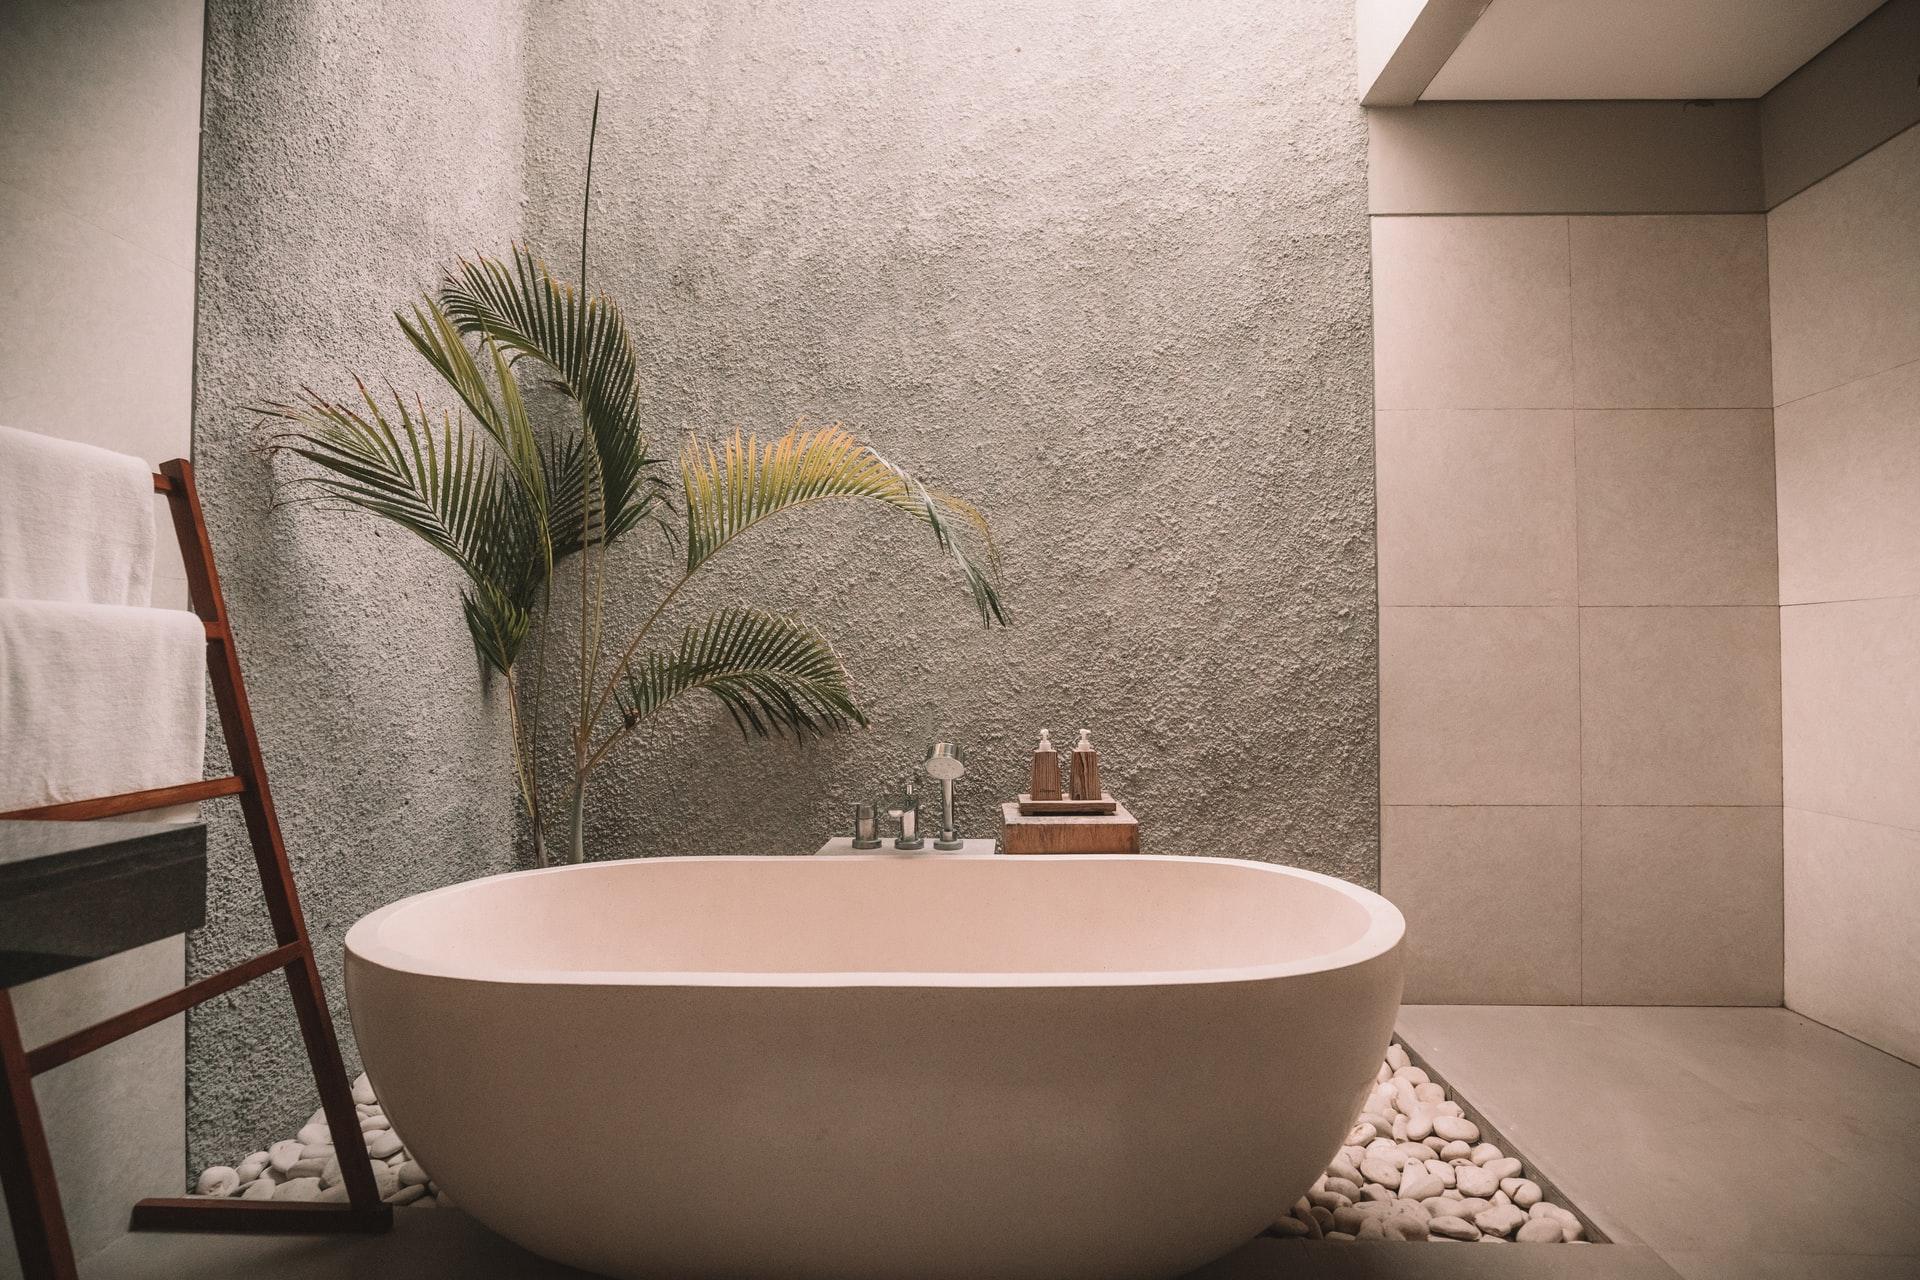 Douche ou baignoire : comment choisir ? 1